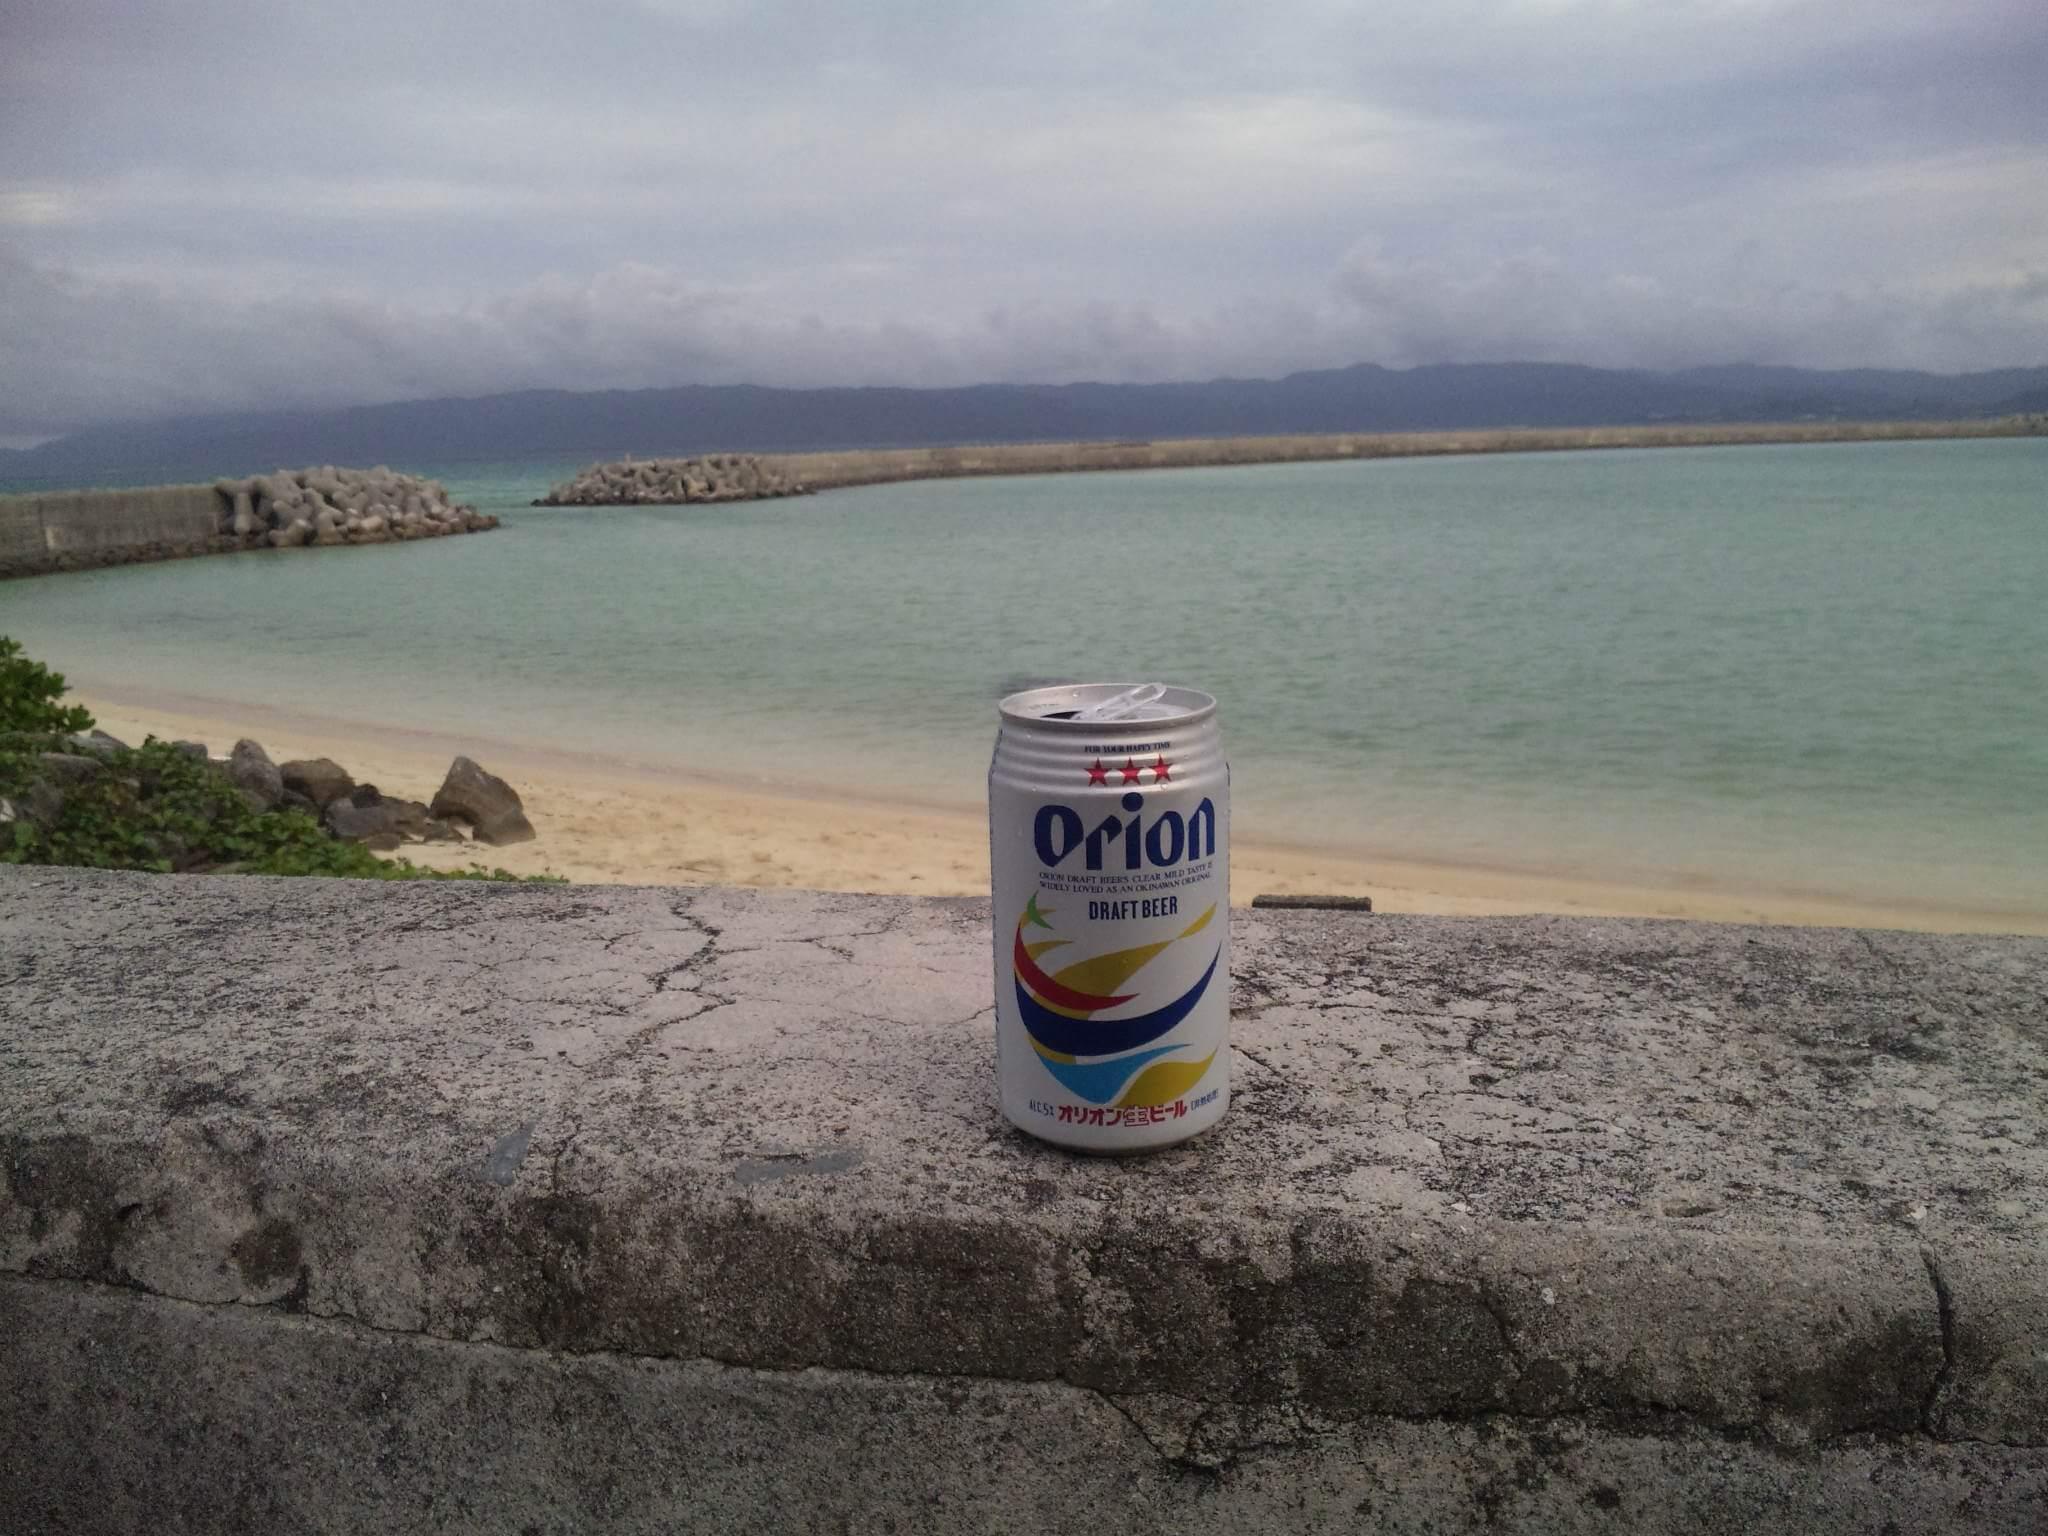 オリオンビールと海